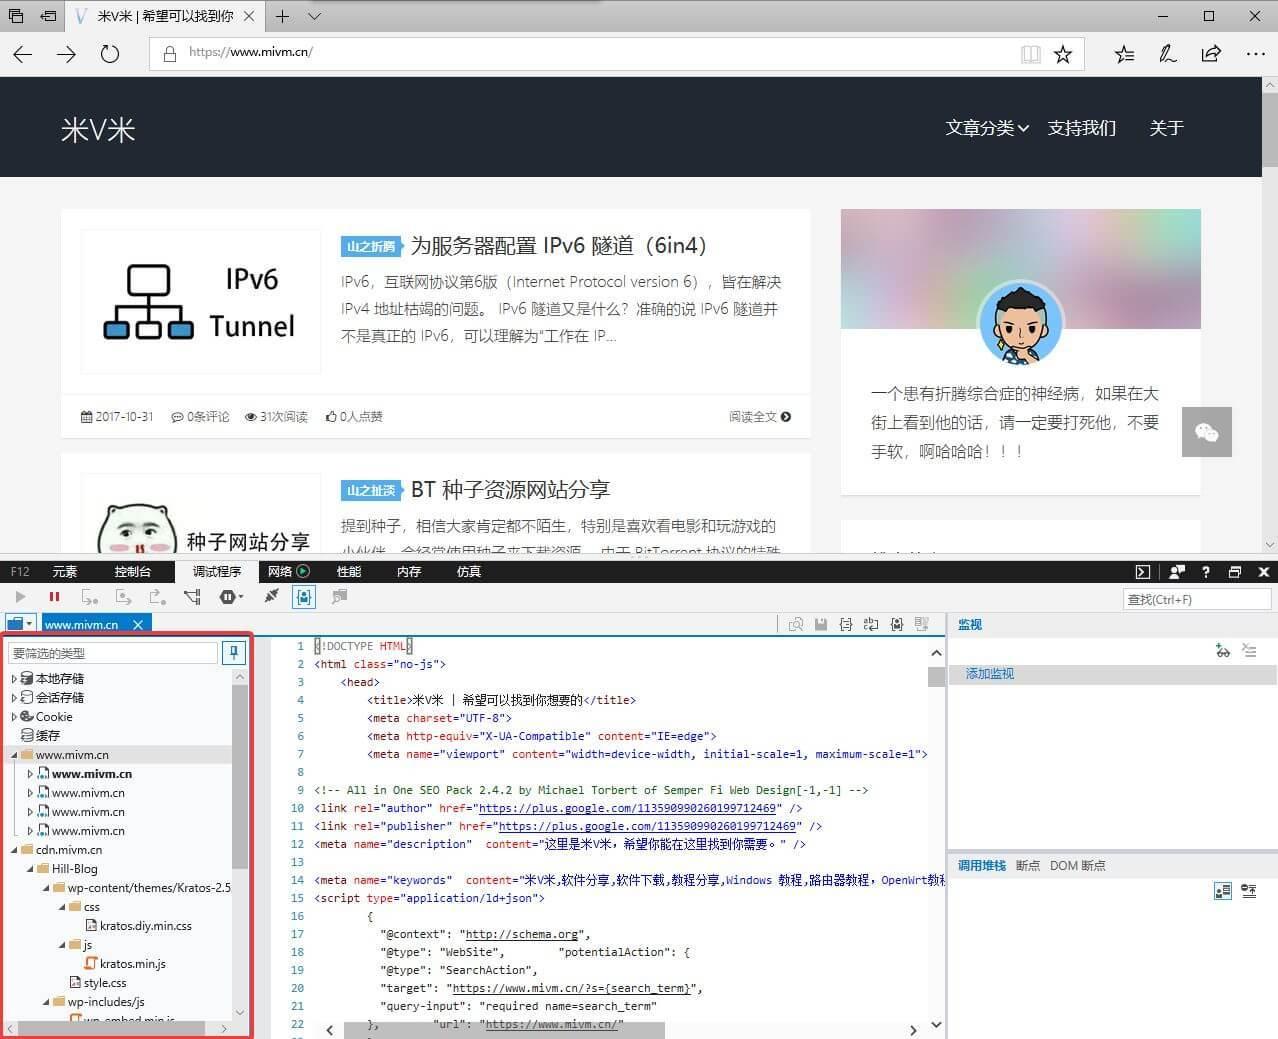 浏览器开发者工具